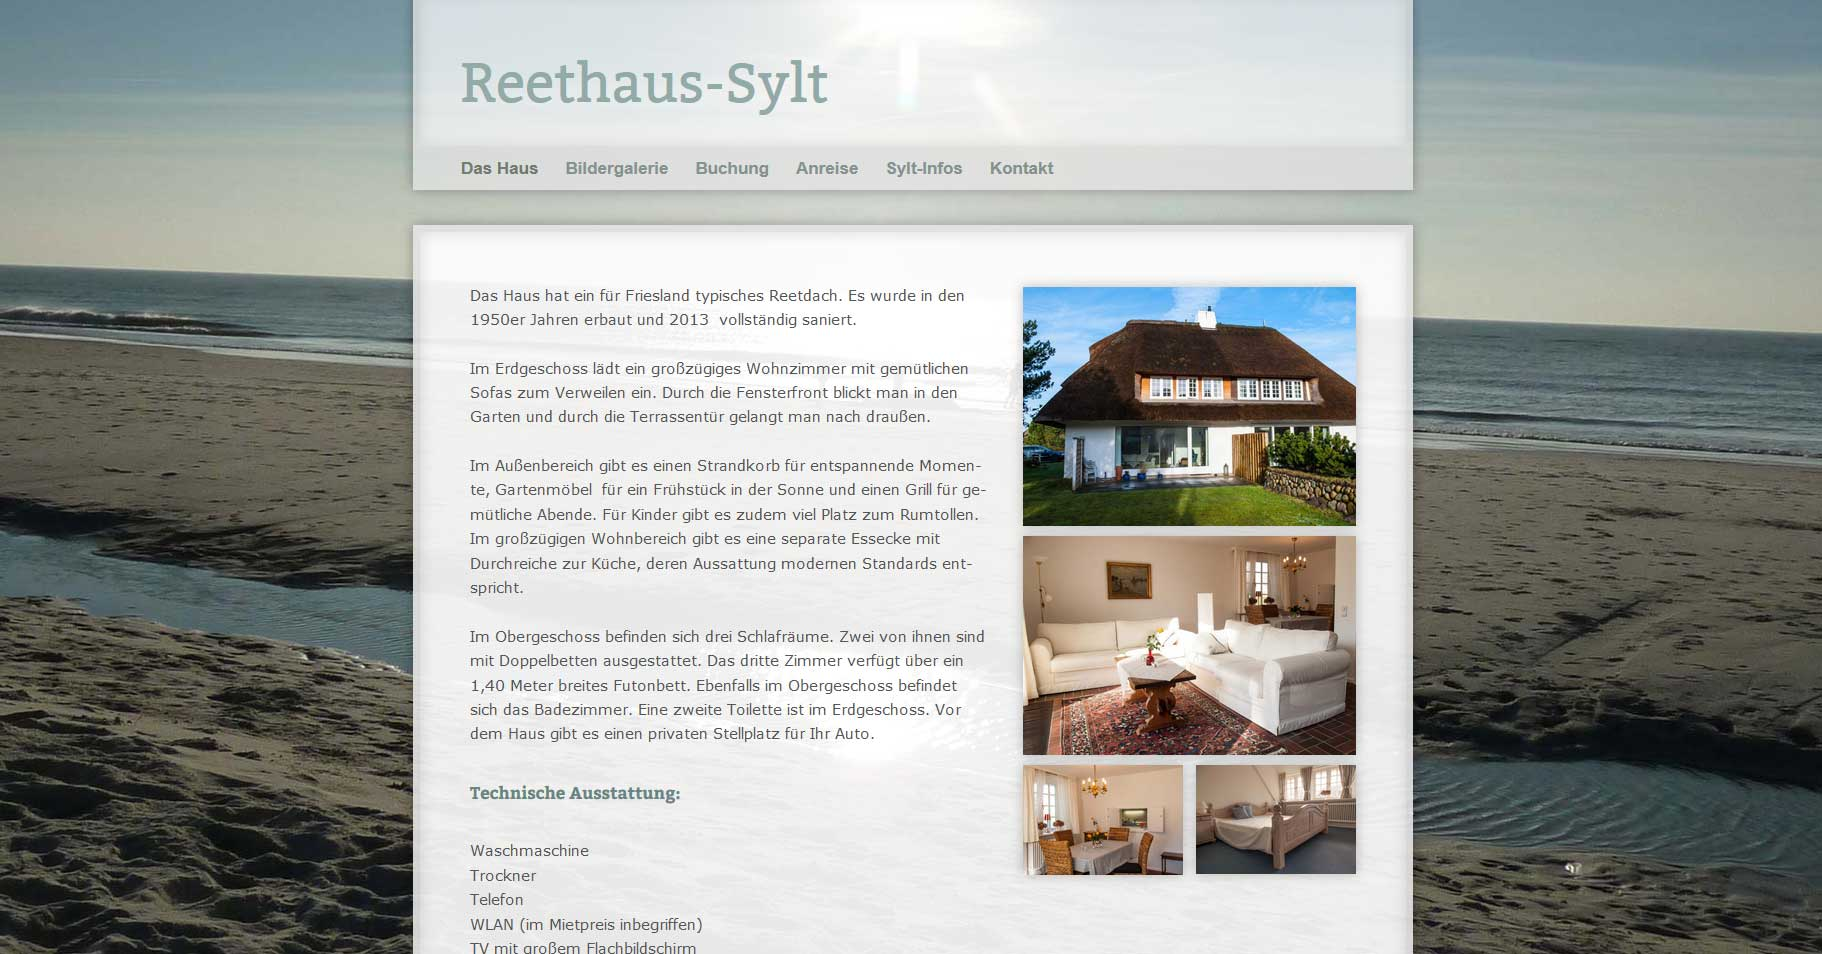 sylt-reethaus-webgestaltung-webiseo